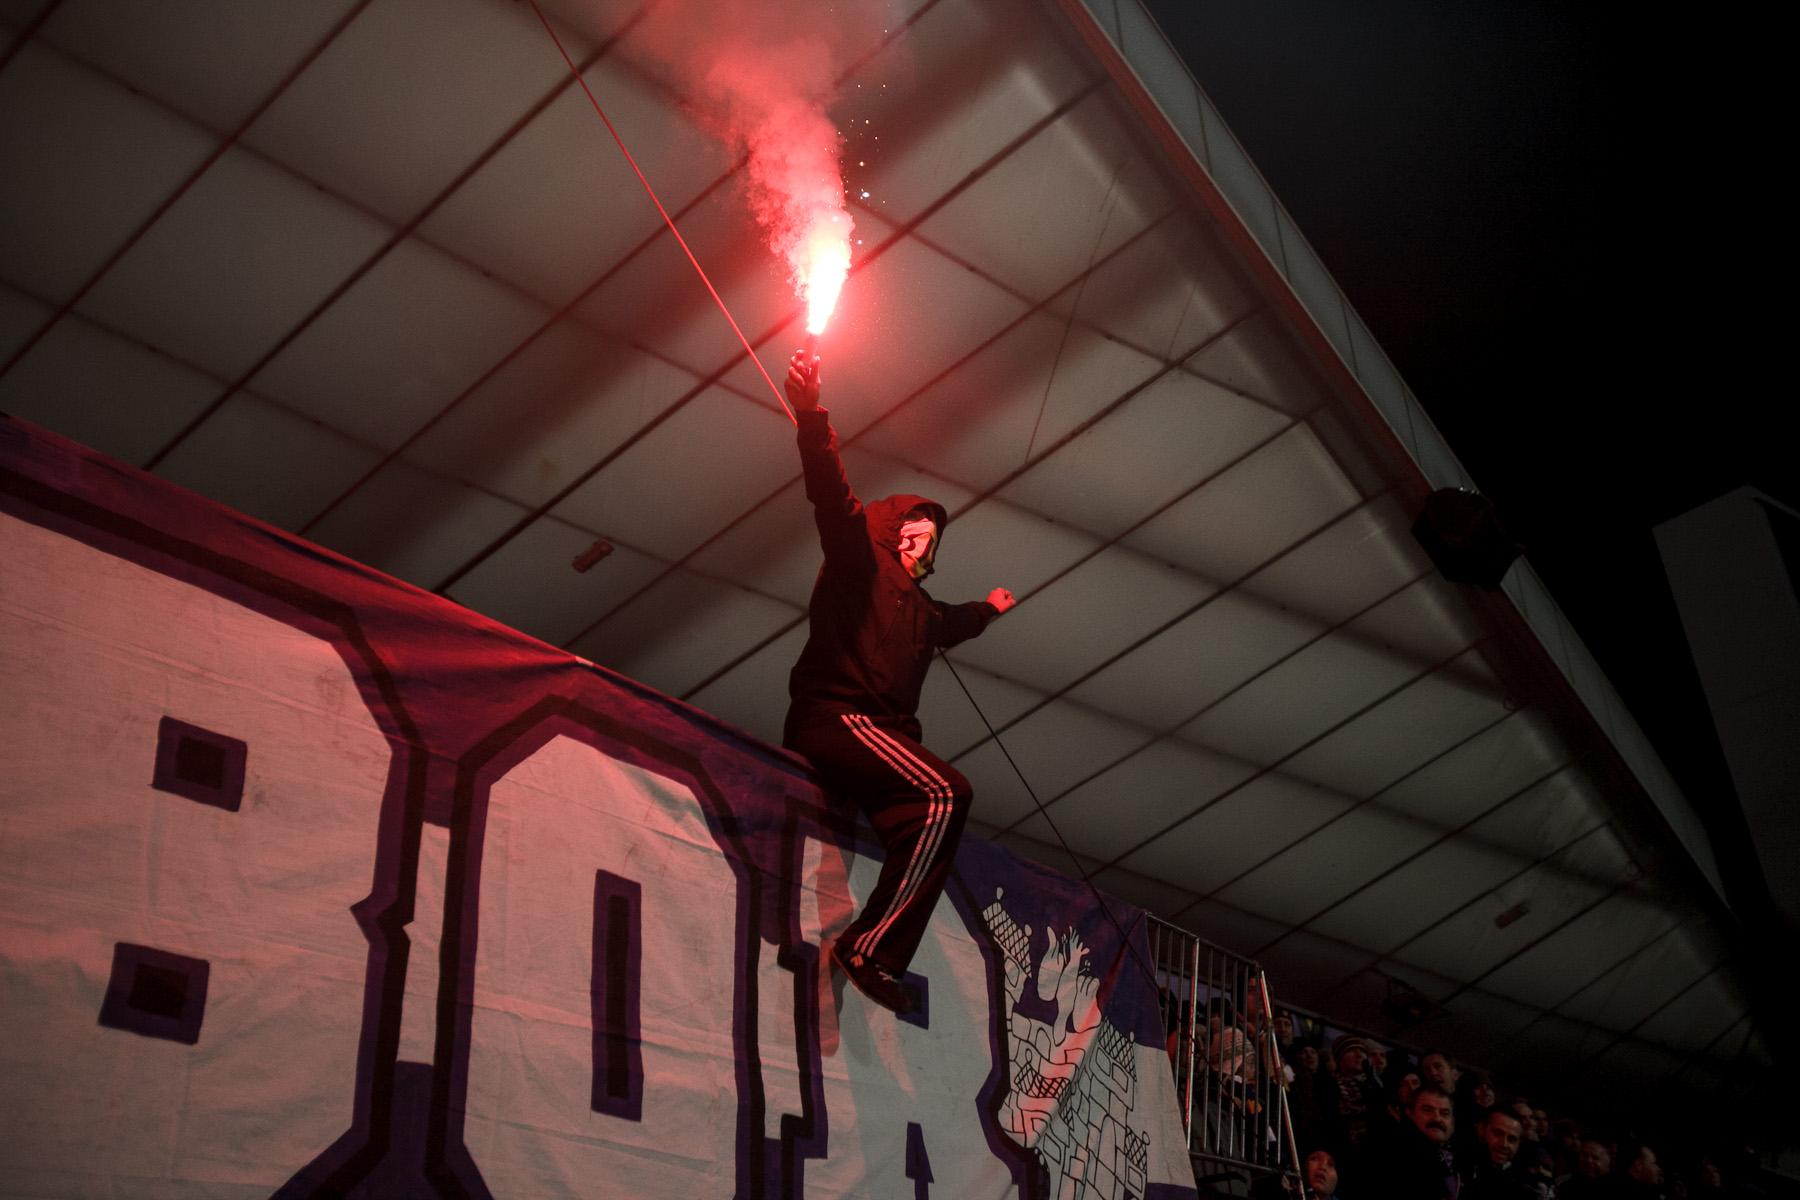 SoccerMariborSchalke-photoLukaDakskobler-10